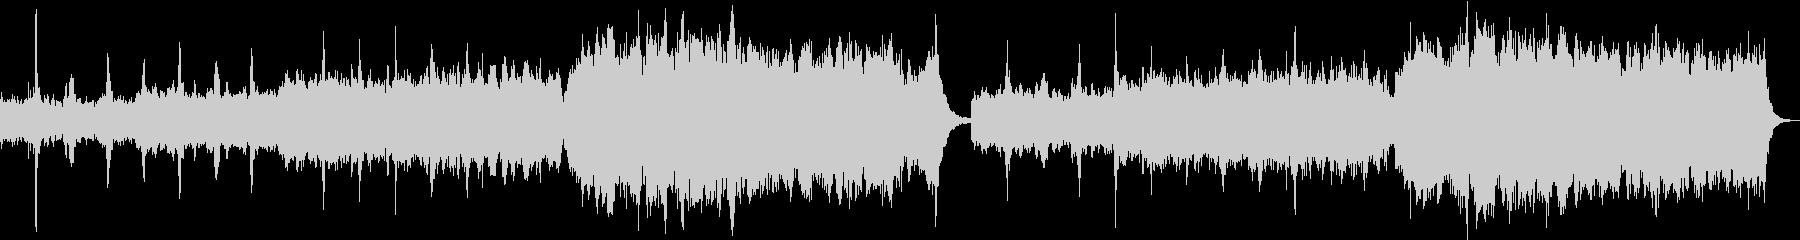 幻想的で透明感のあるアンビエント調の曲の未再生の波形